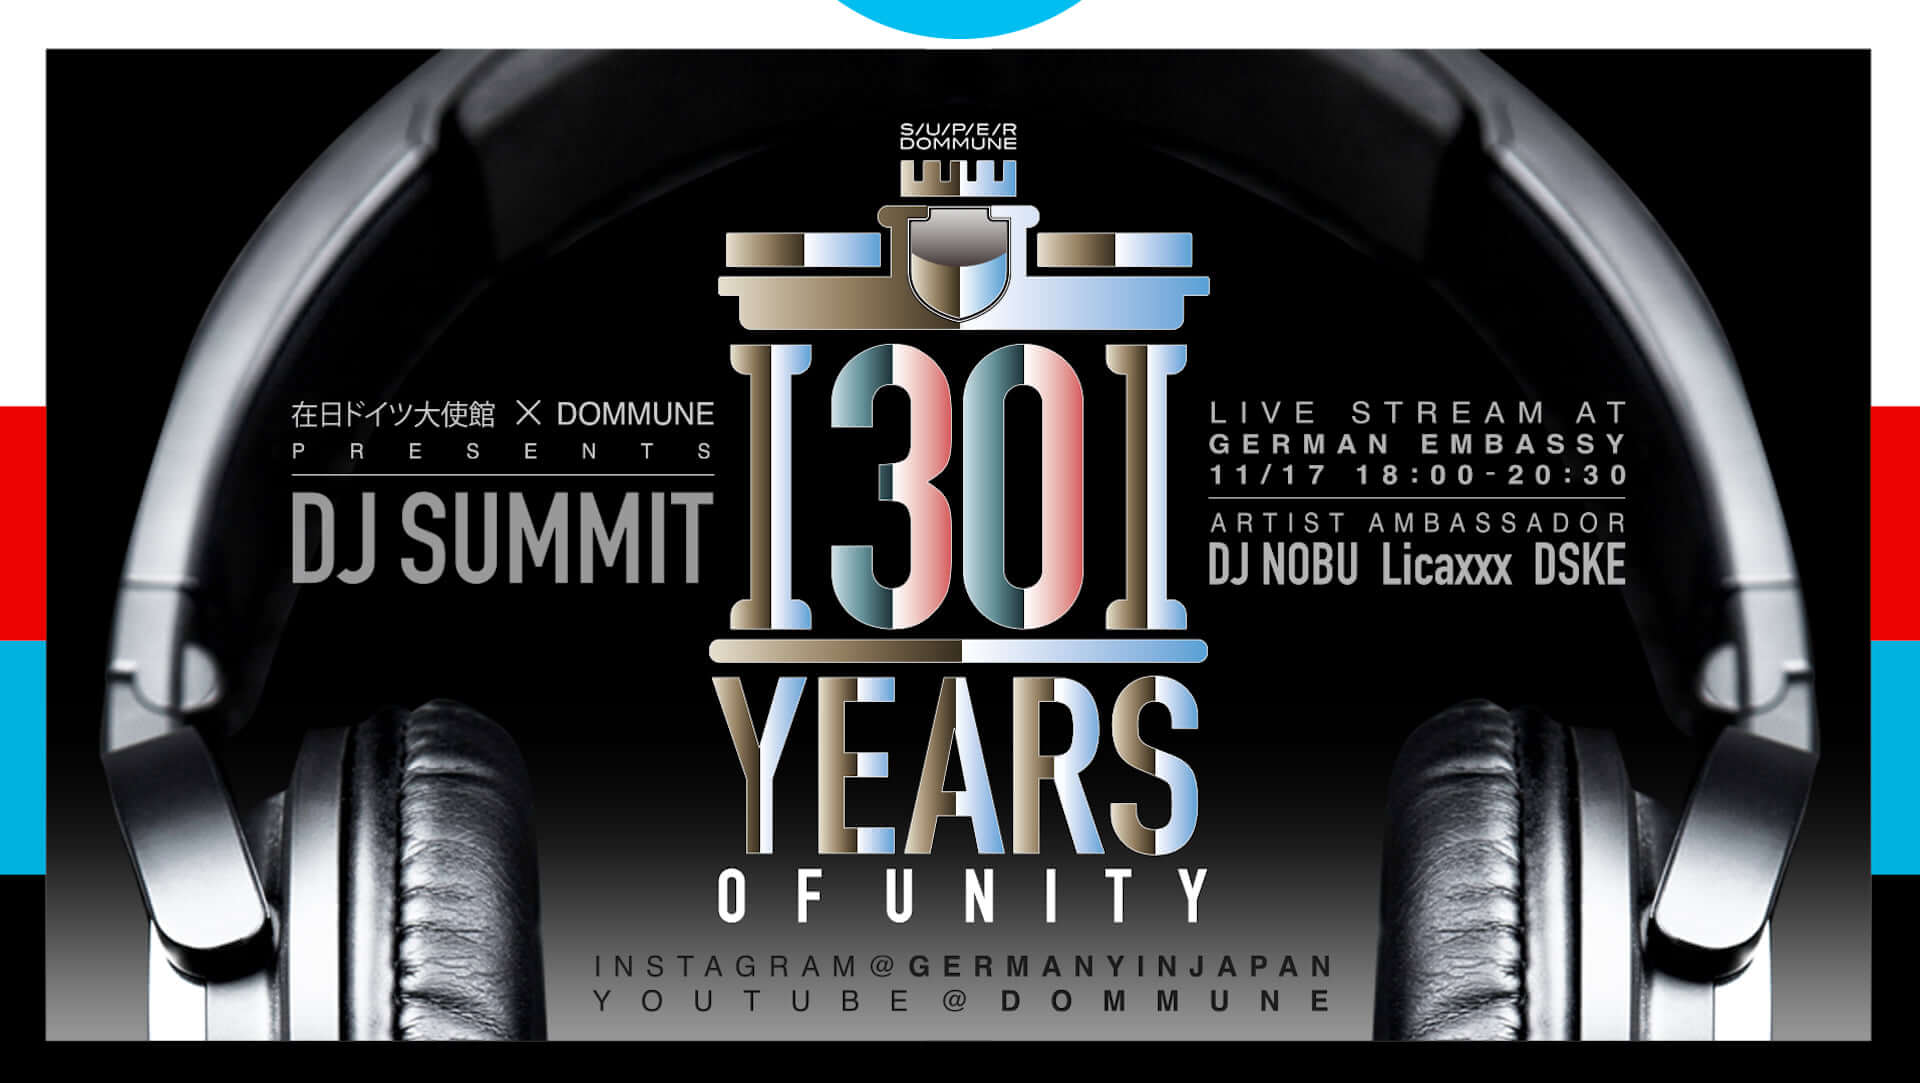 ドイツ再統一30周年をテクノと共に祝福!DOMMUNEとドイツ大使館によるオンラインイベントが明日開催|DJ NOBU、Licaxxx、DSKEが登場 music201116_dommune_2-1920x1083